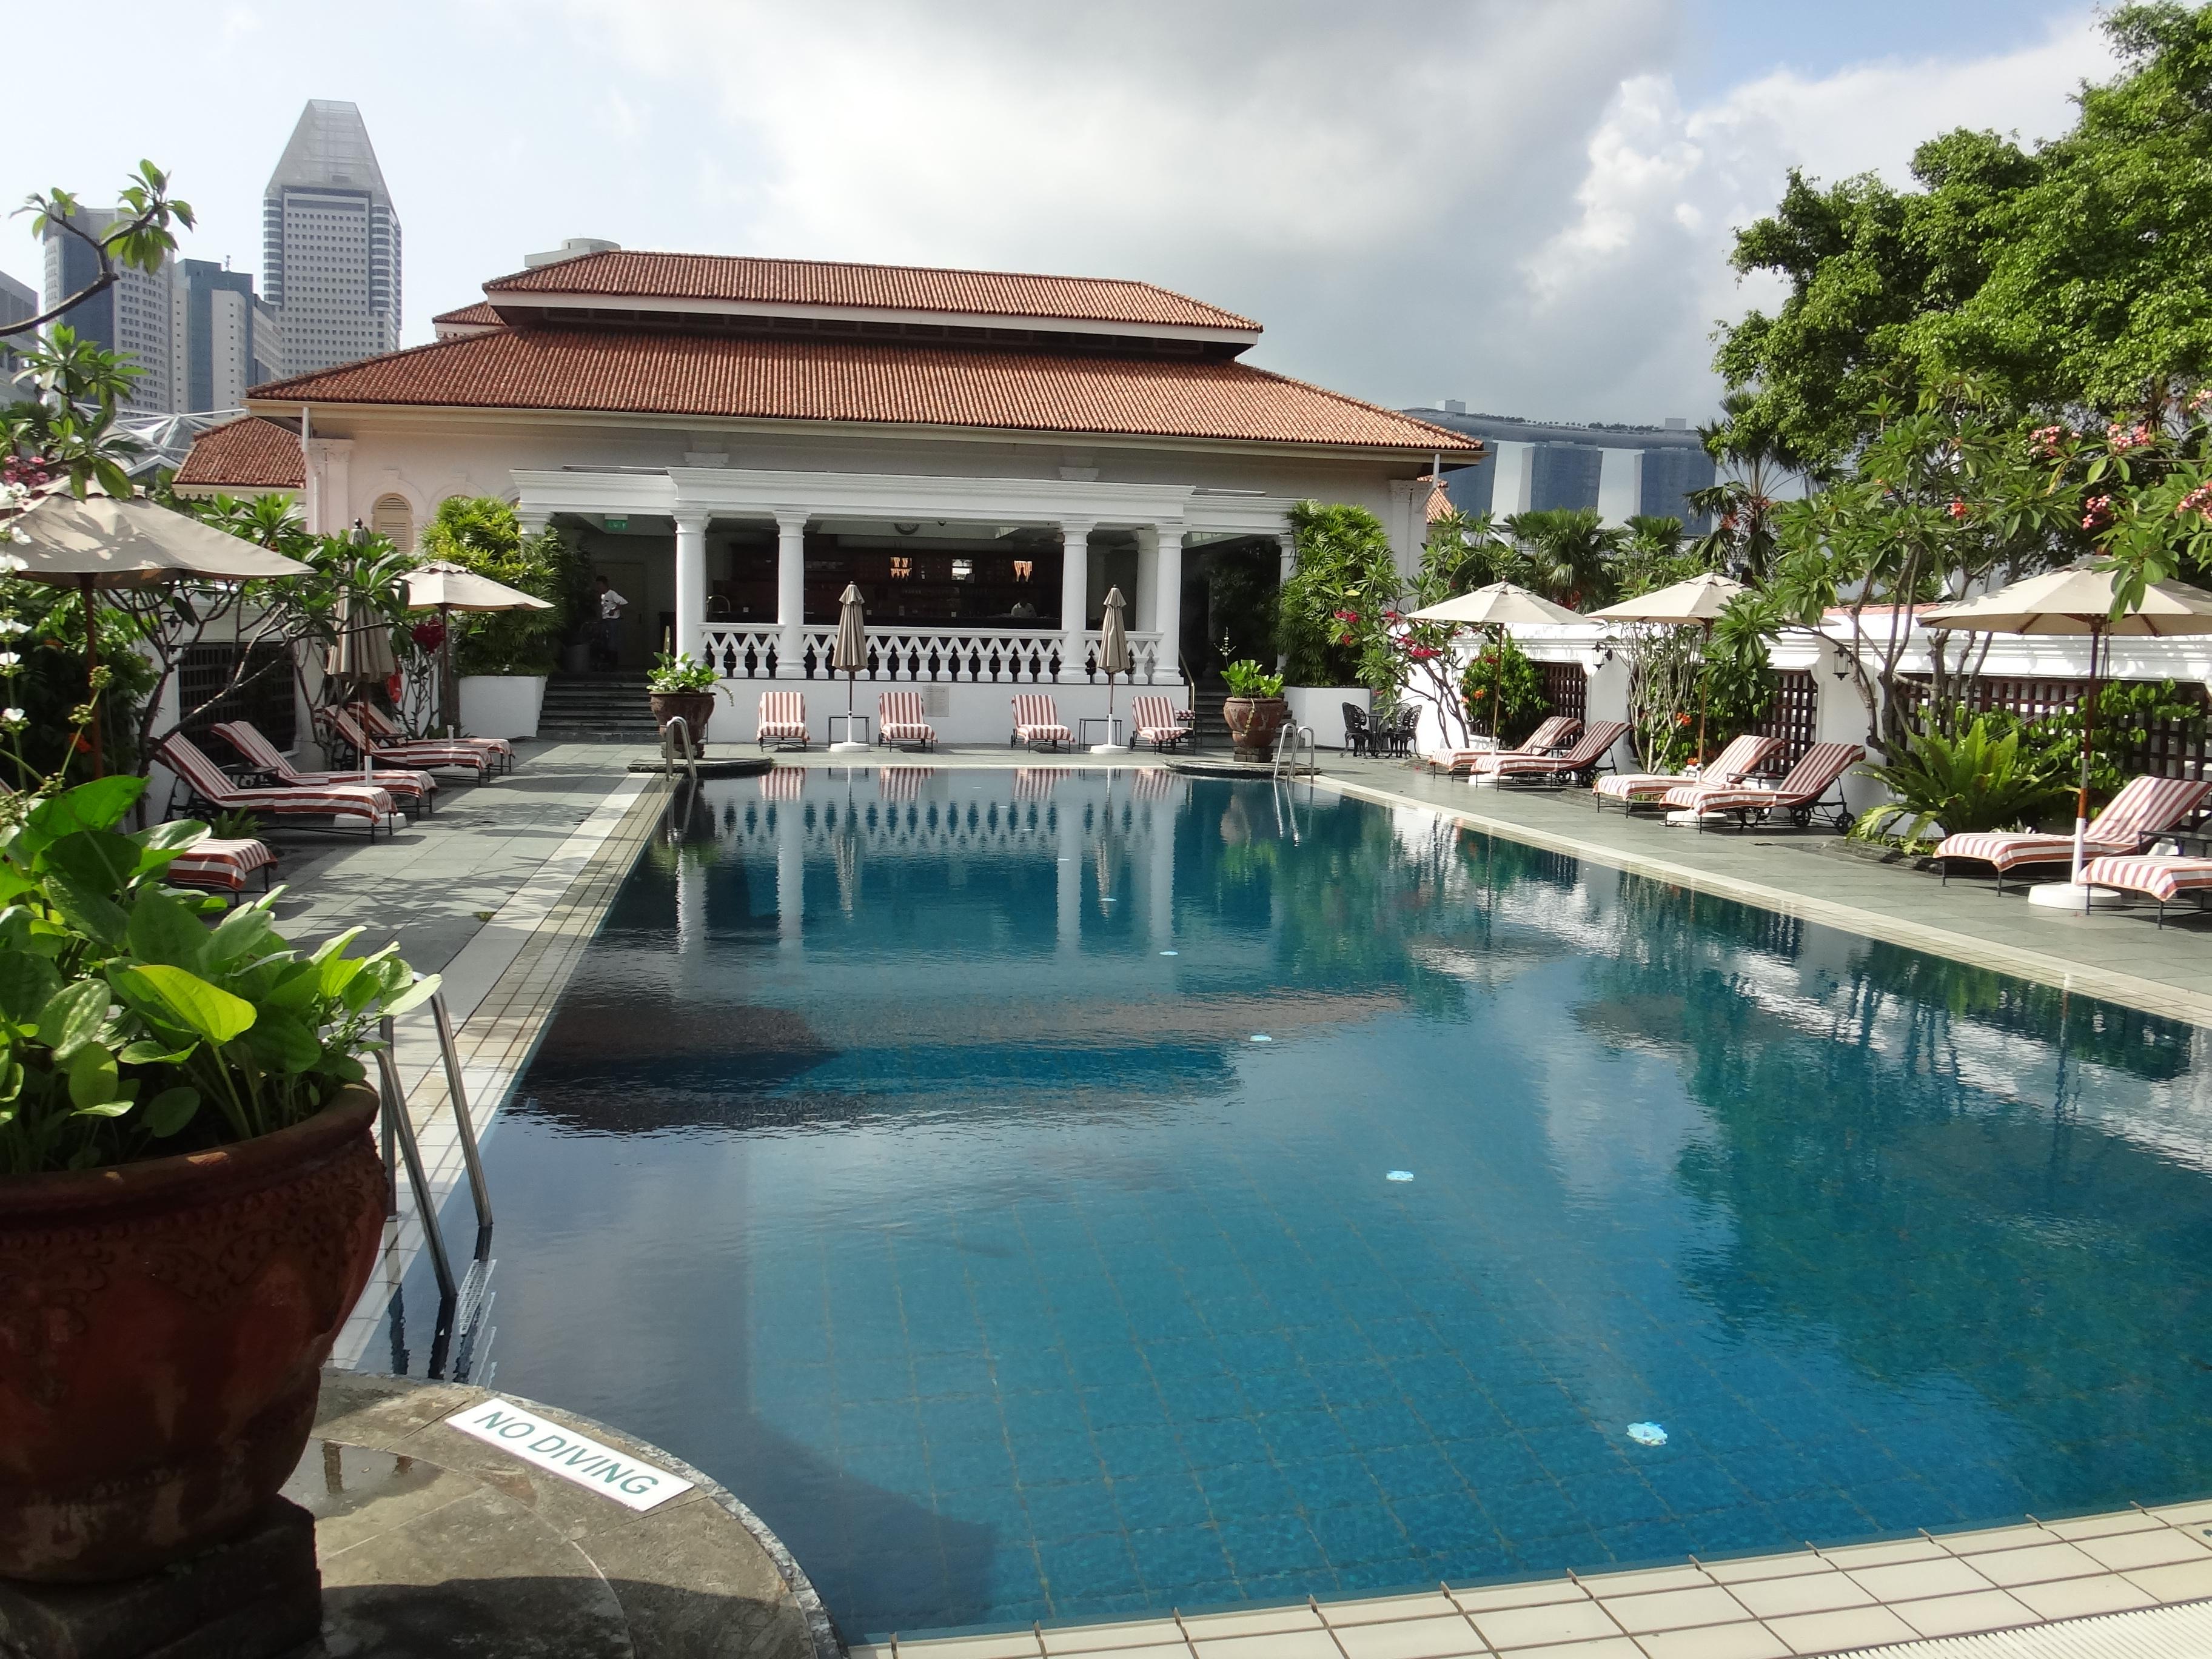 ラッフルズ・ホテル・シンガポールのスイミングプール